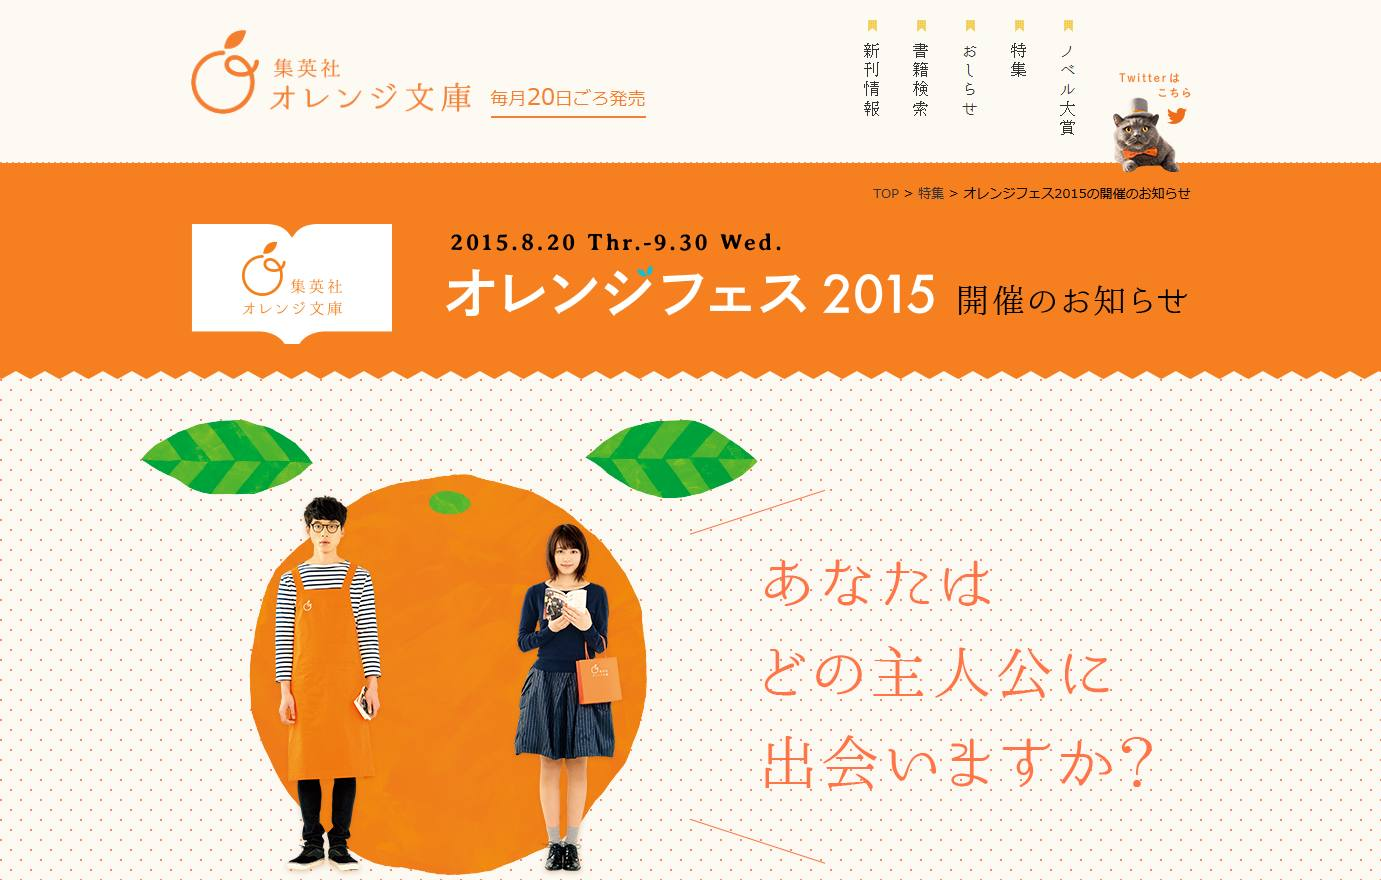 オレンジフェス2015の開催のお知らせ  集英社 オレンジ文庫